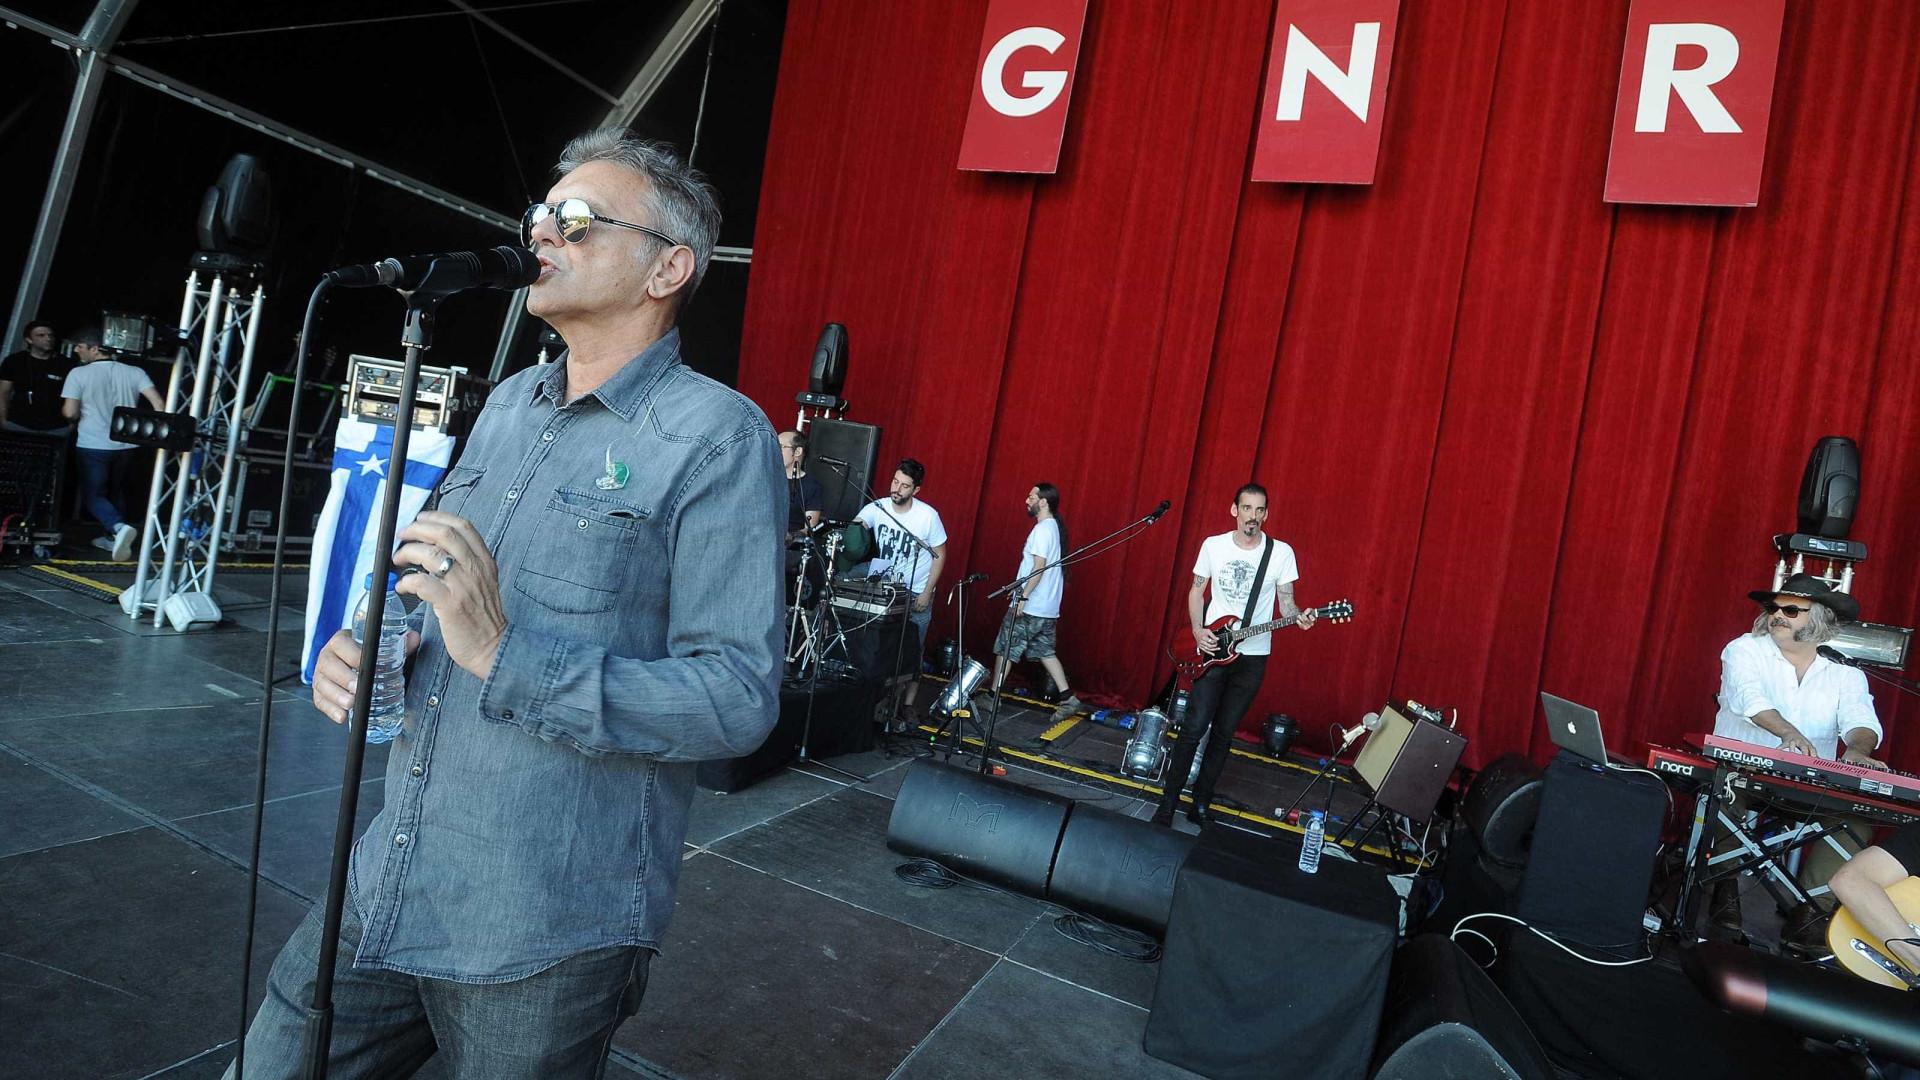 GNR e Blind Zero no Festival Douro Rock que começa hoje na Régua